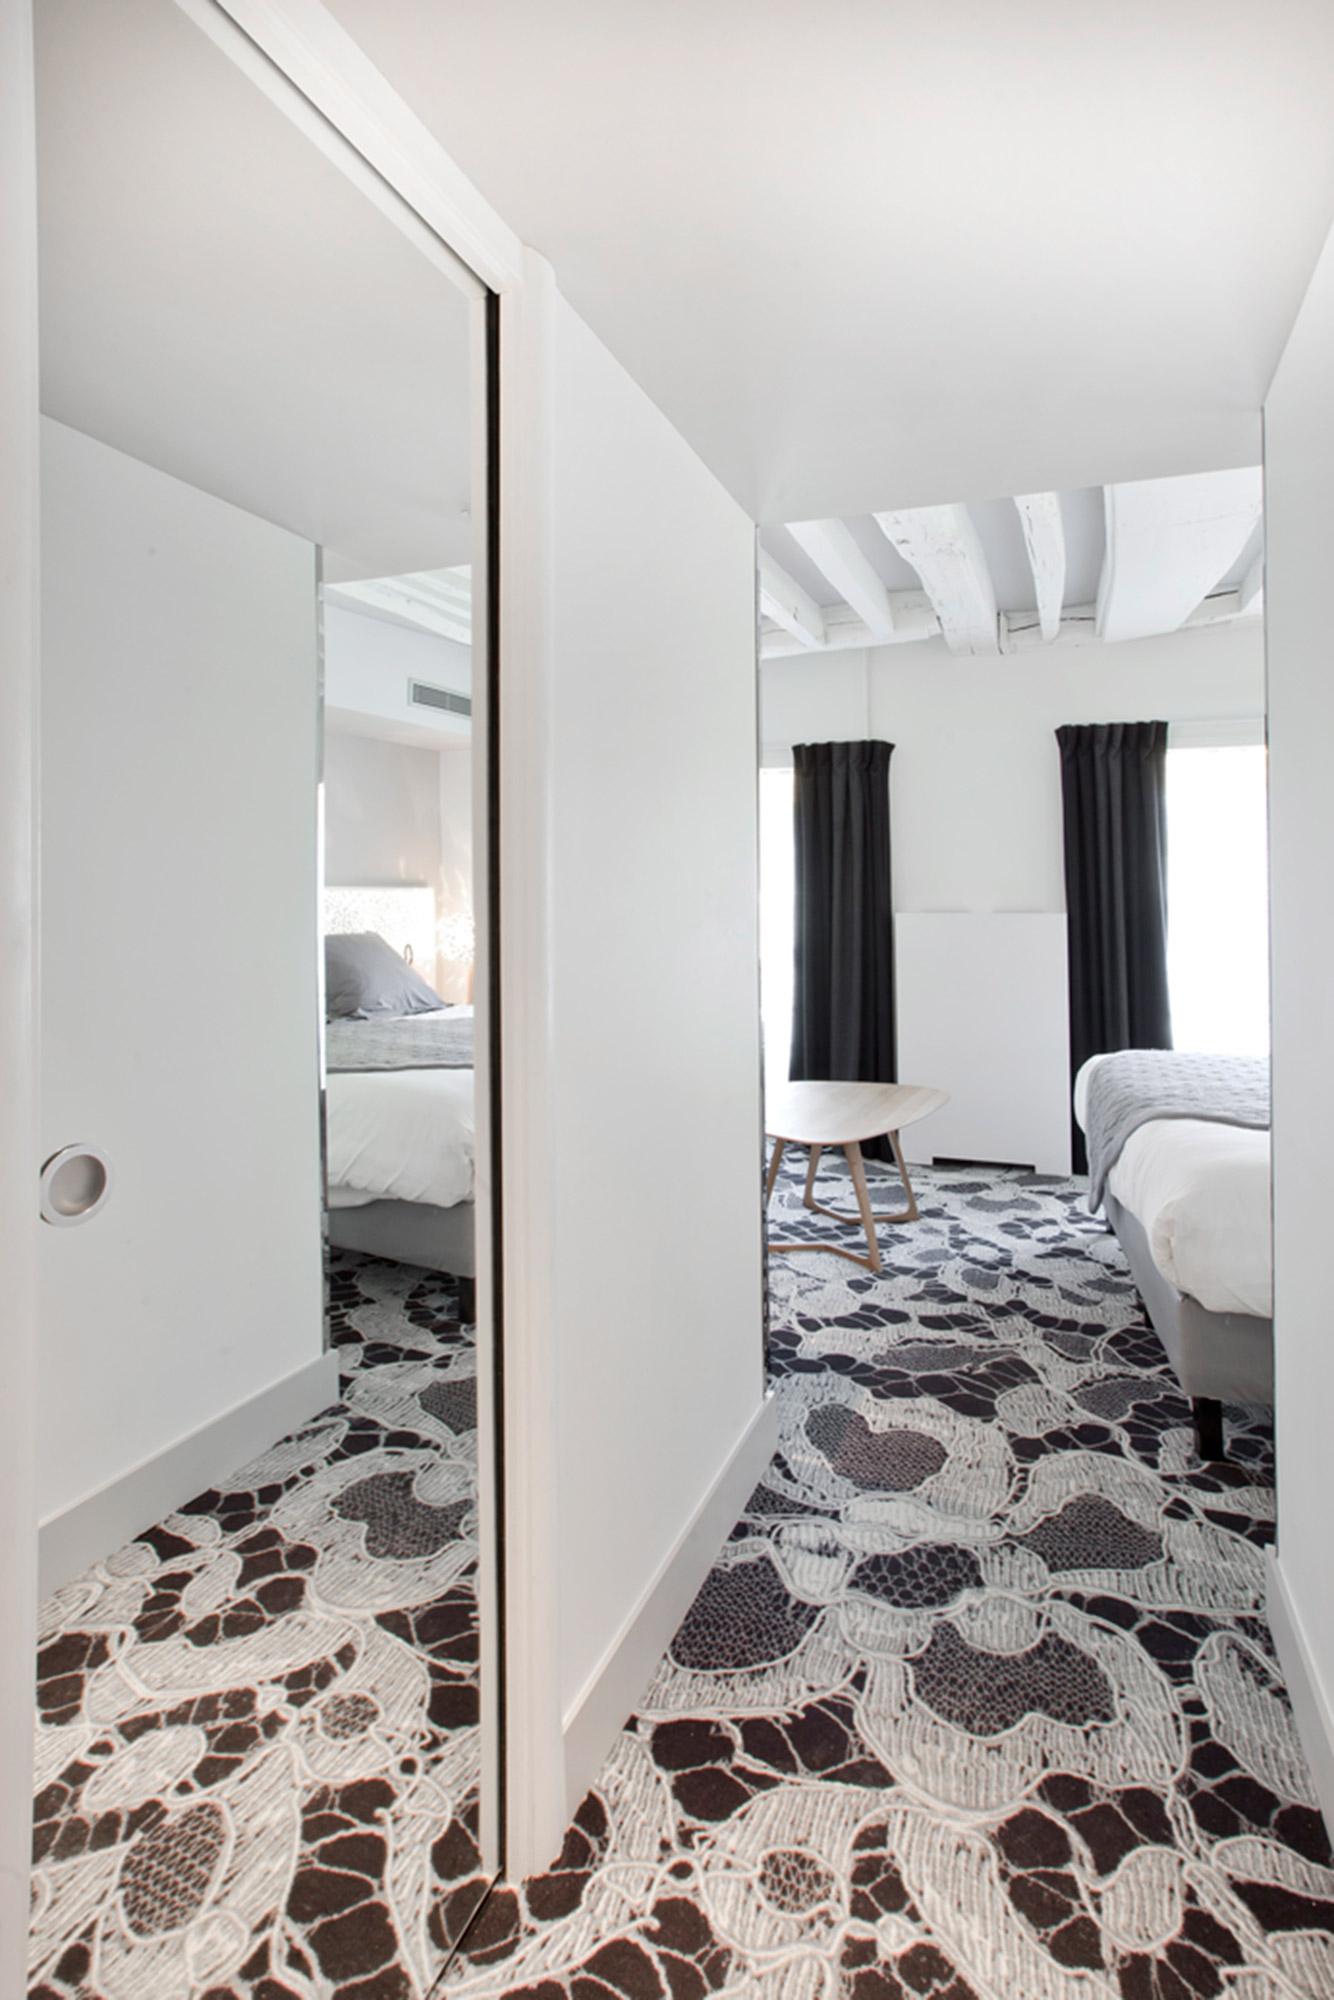 Placard avec miroir intégré reflétant un lit dans une chambre d'hôtel romantique avec au sol de la dentelle